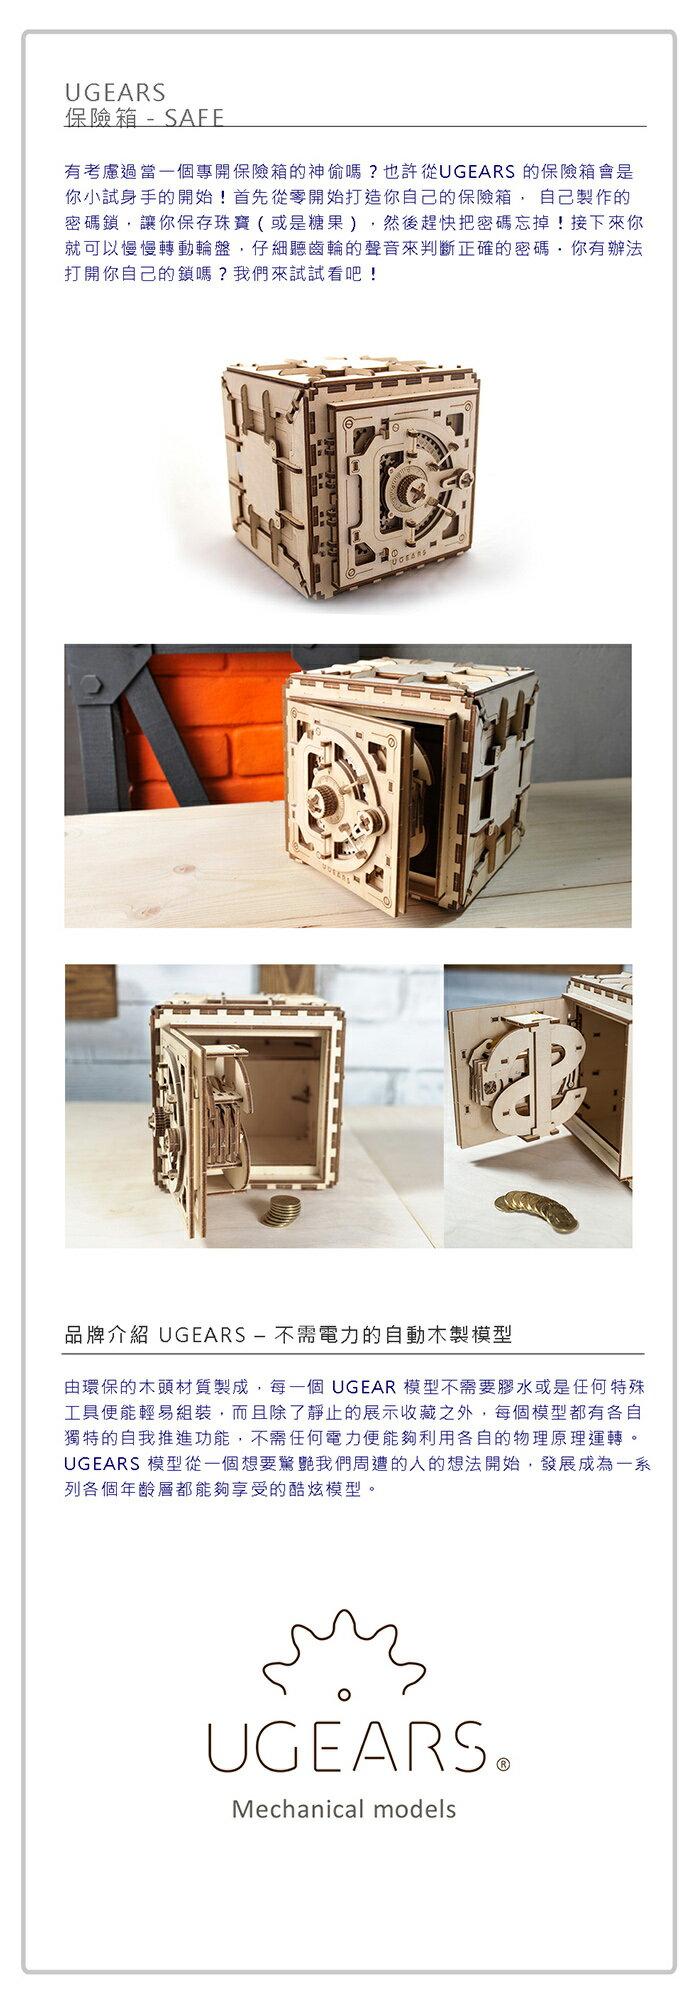 Ugears 自我推進模型 (Safe 保險箱) 1